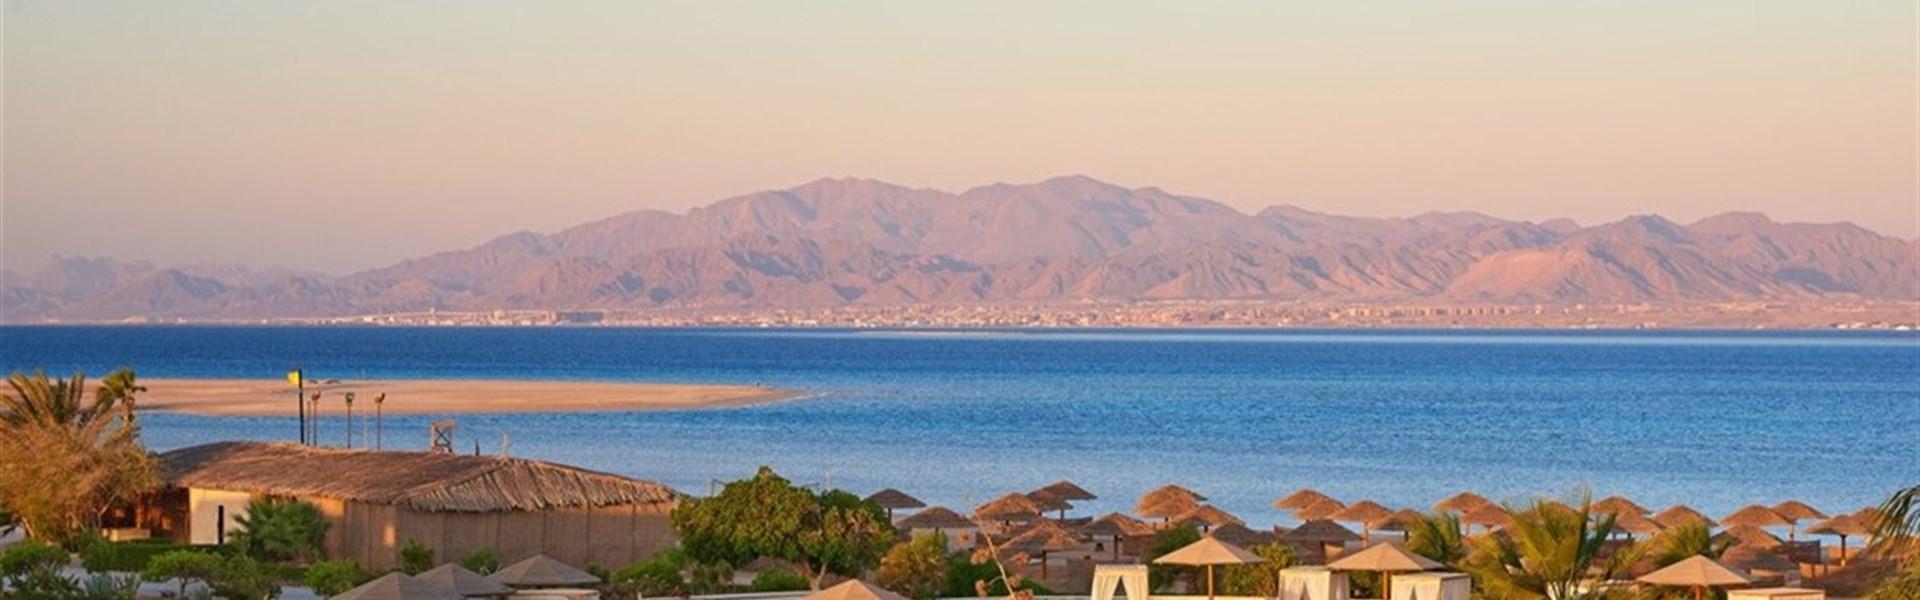 Sheraton Som Bay resort 5* Hurgada -